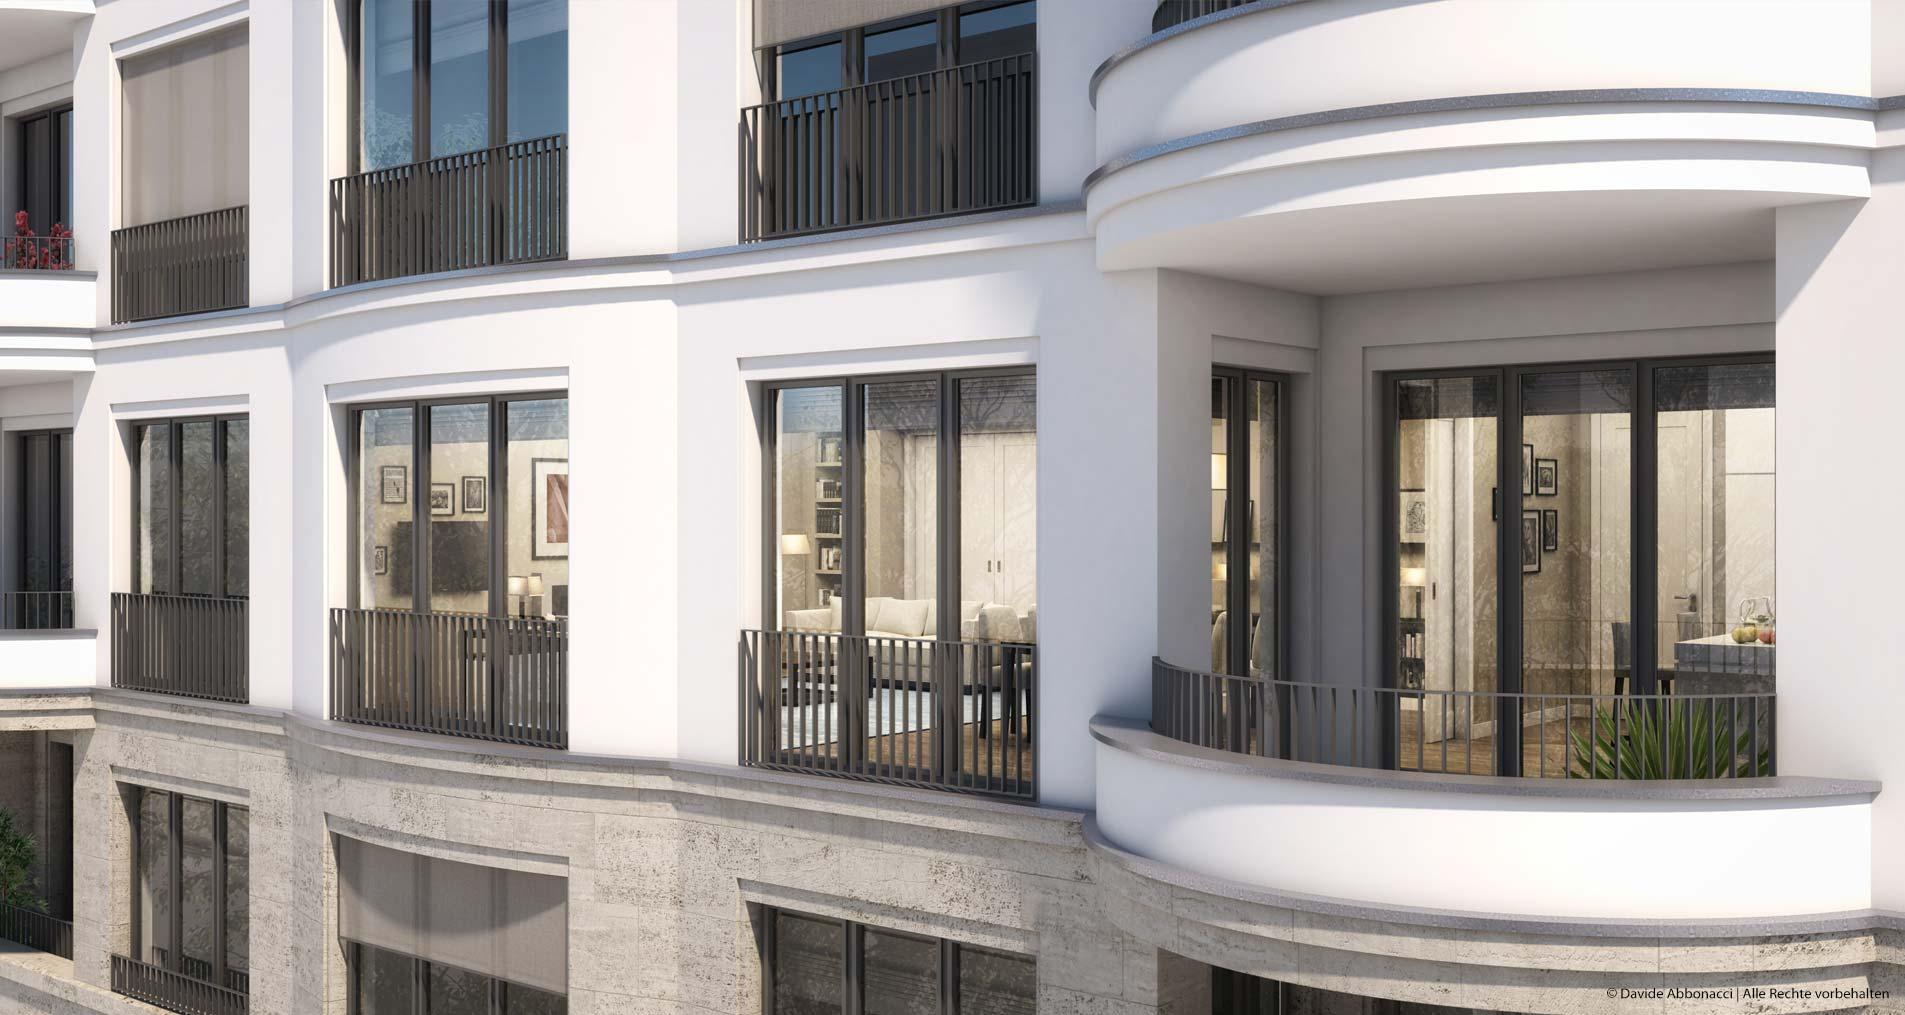 Faisan63, Fasanenstraße, Berlin   Wiegand Hoffmann Architekten - PRIMUS Immobilien AG   2016 Visualisierung für Immobilienmarketing